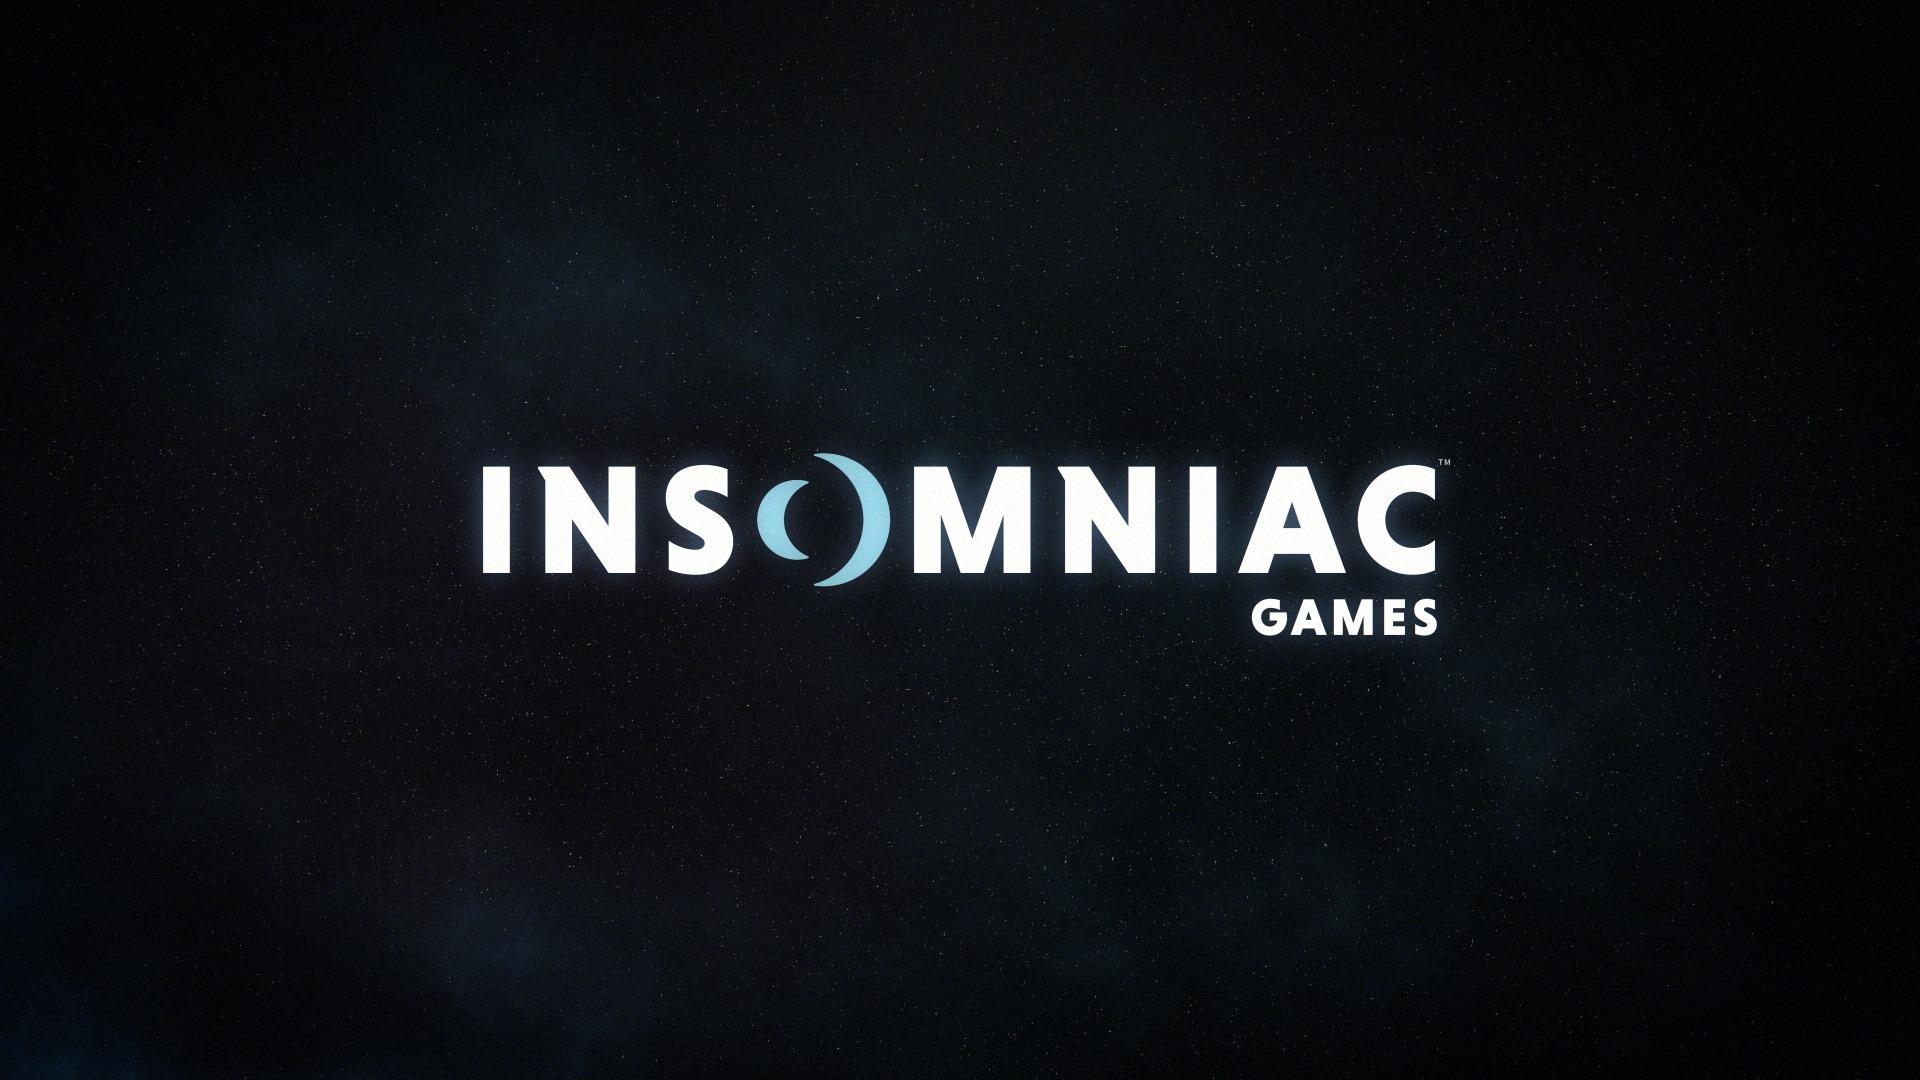 Insomniac Games